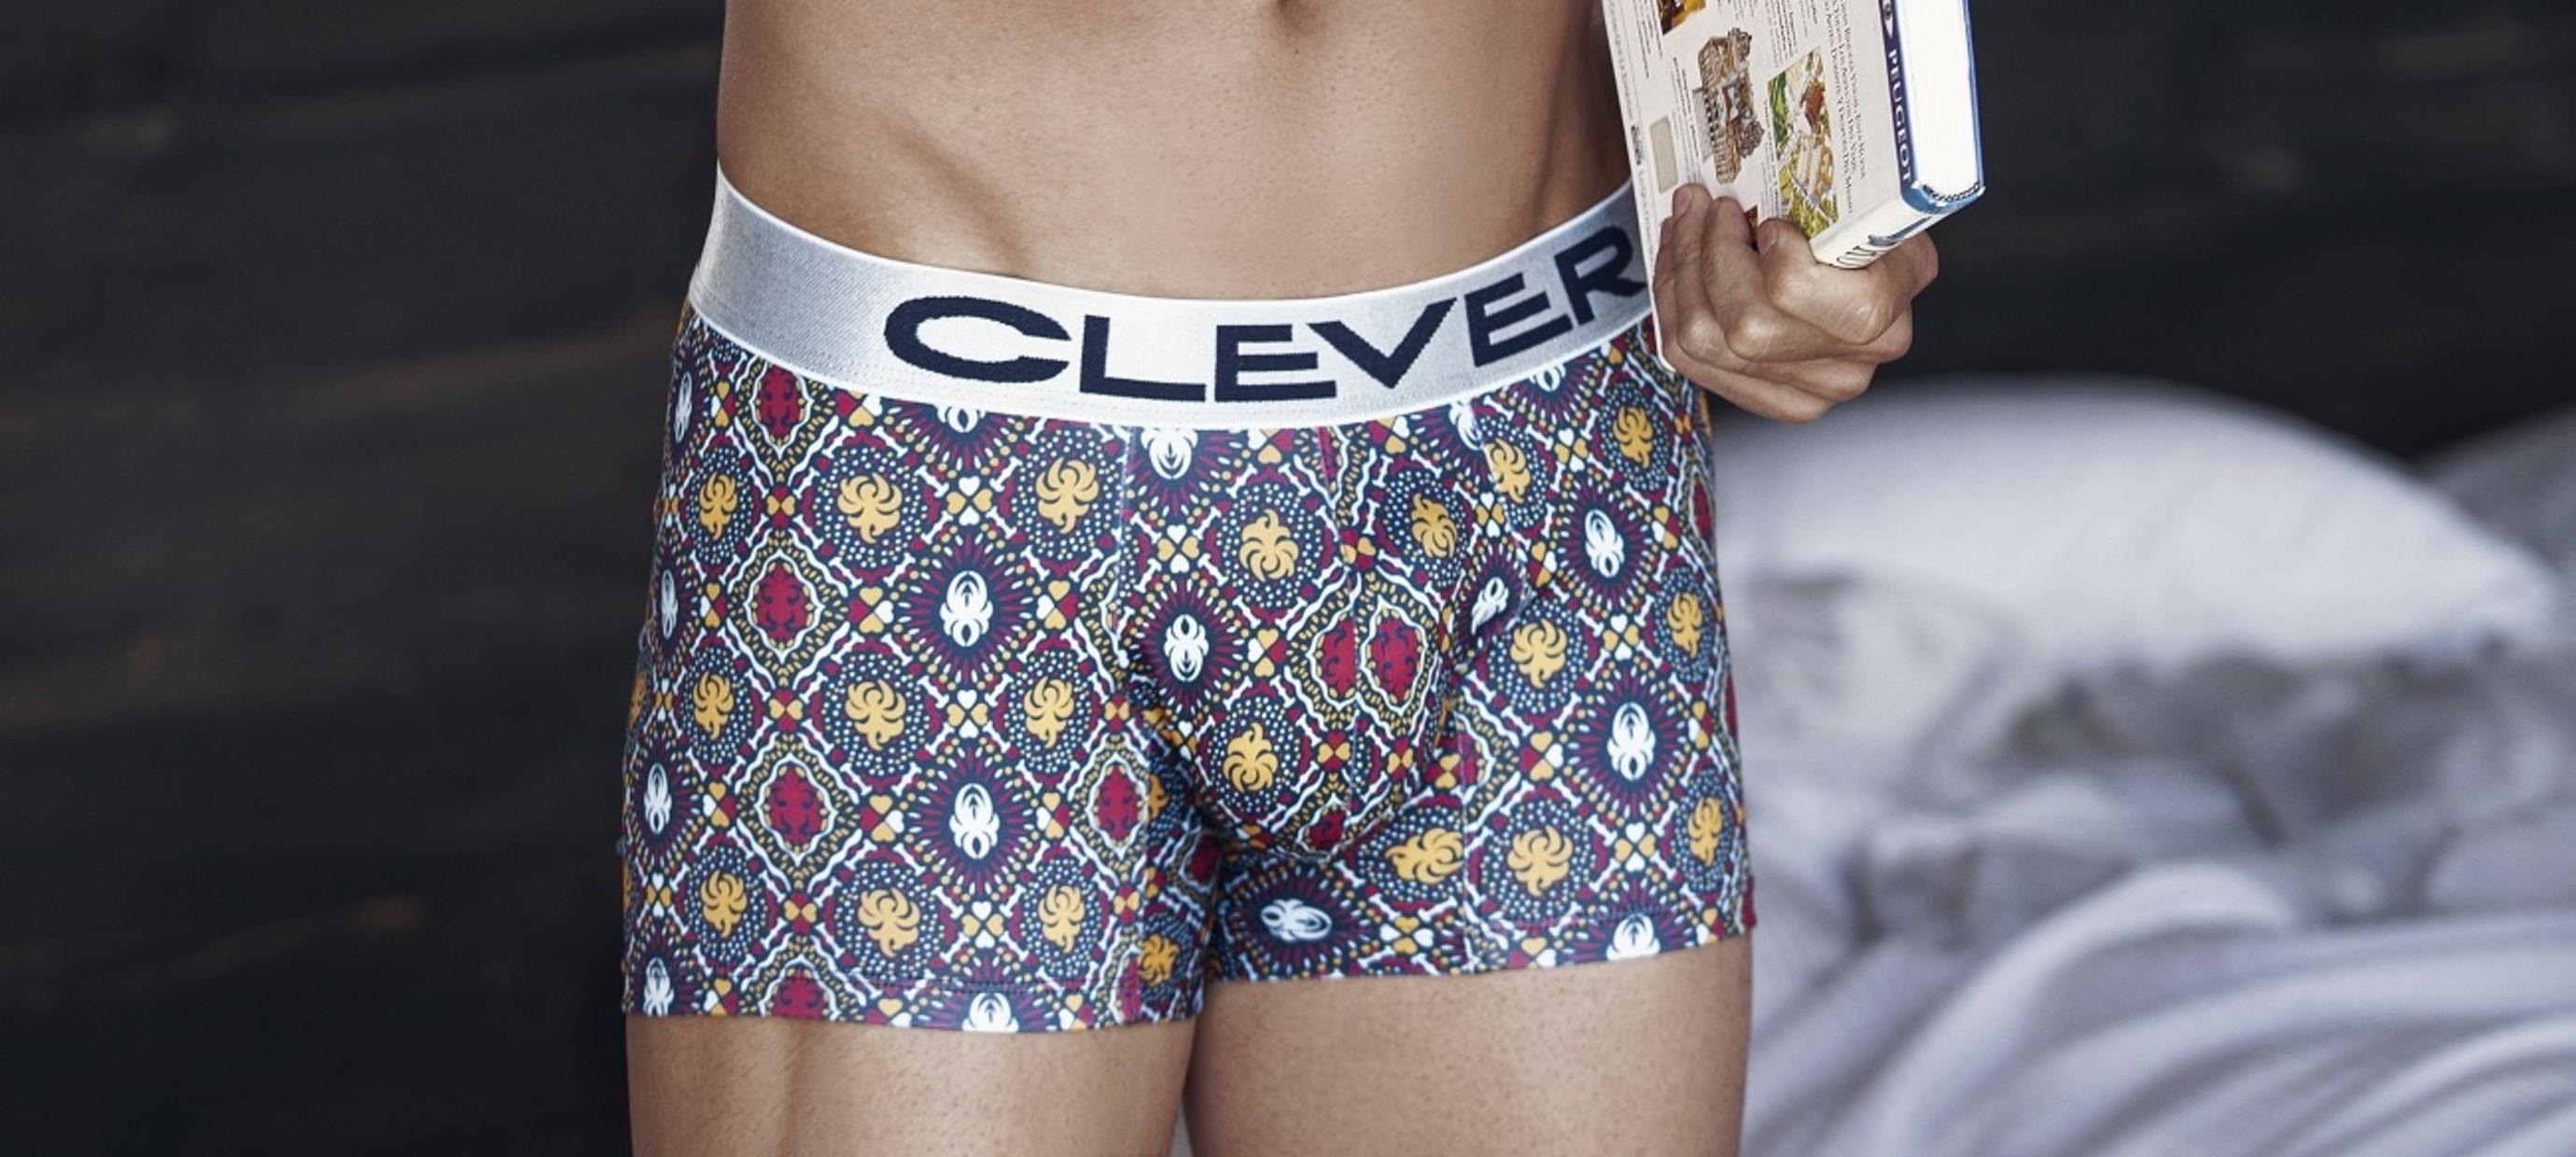 Clever Moda Underwear